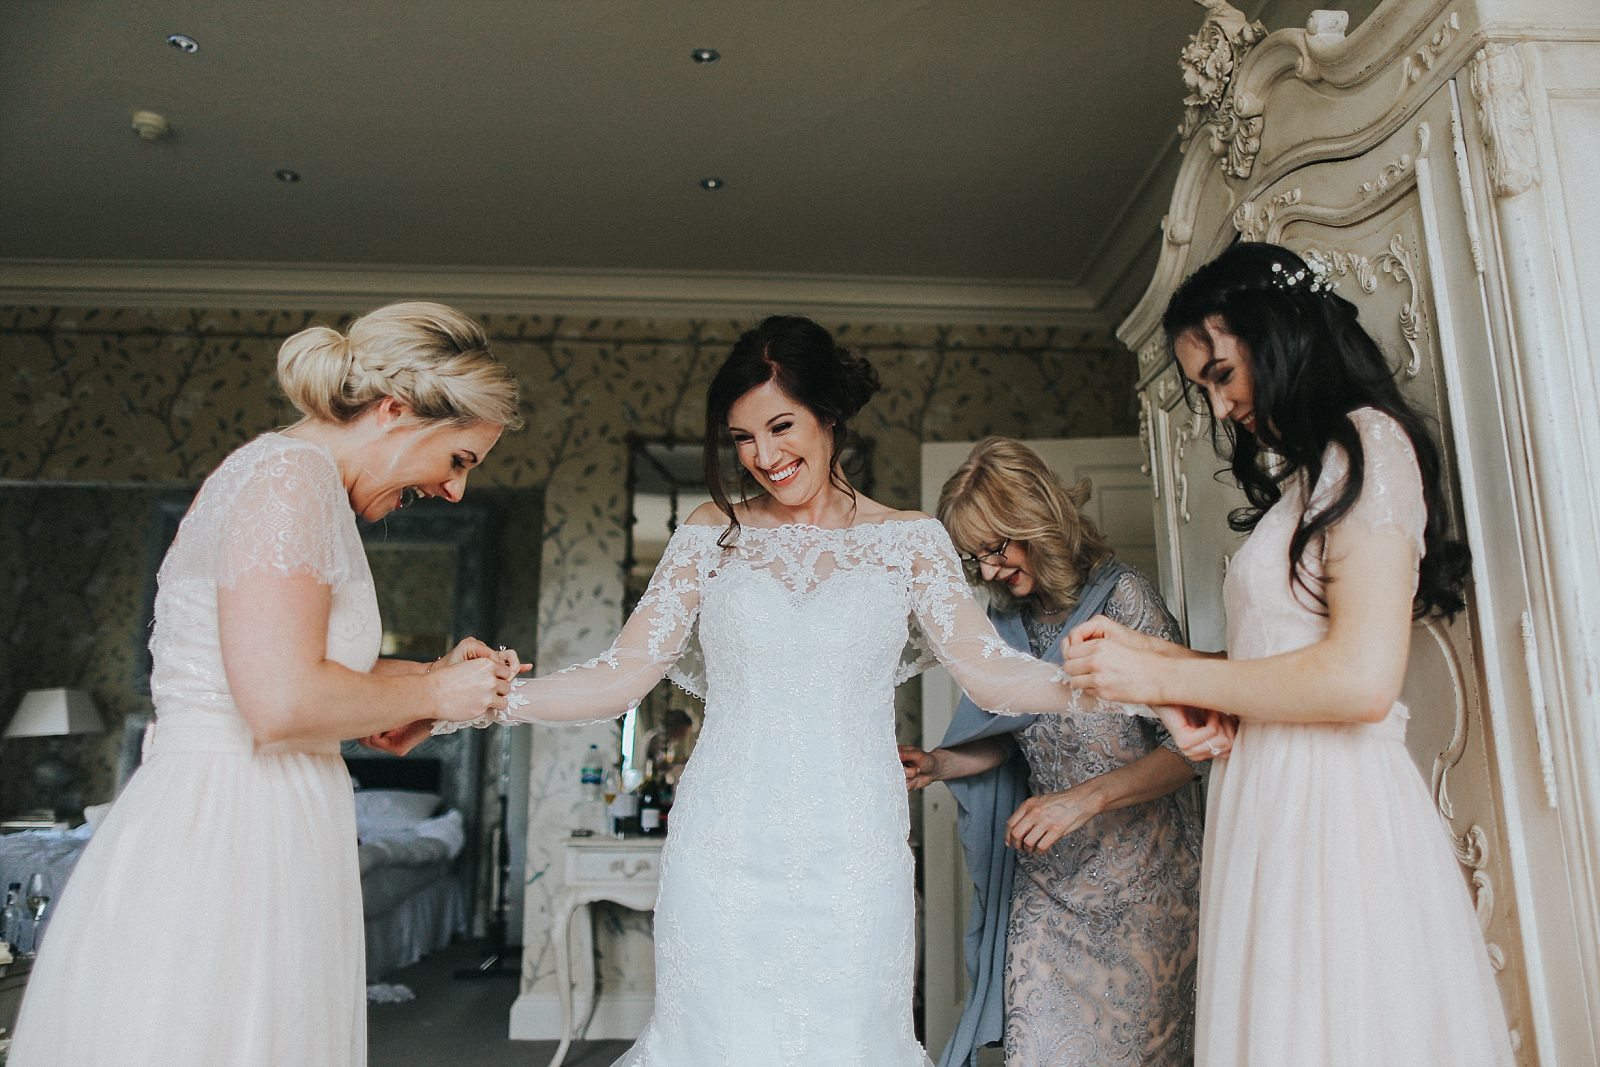 fun wedding photographer captures the bridesmaids helping